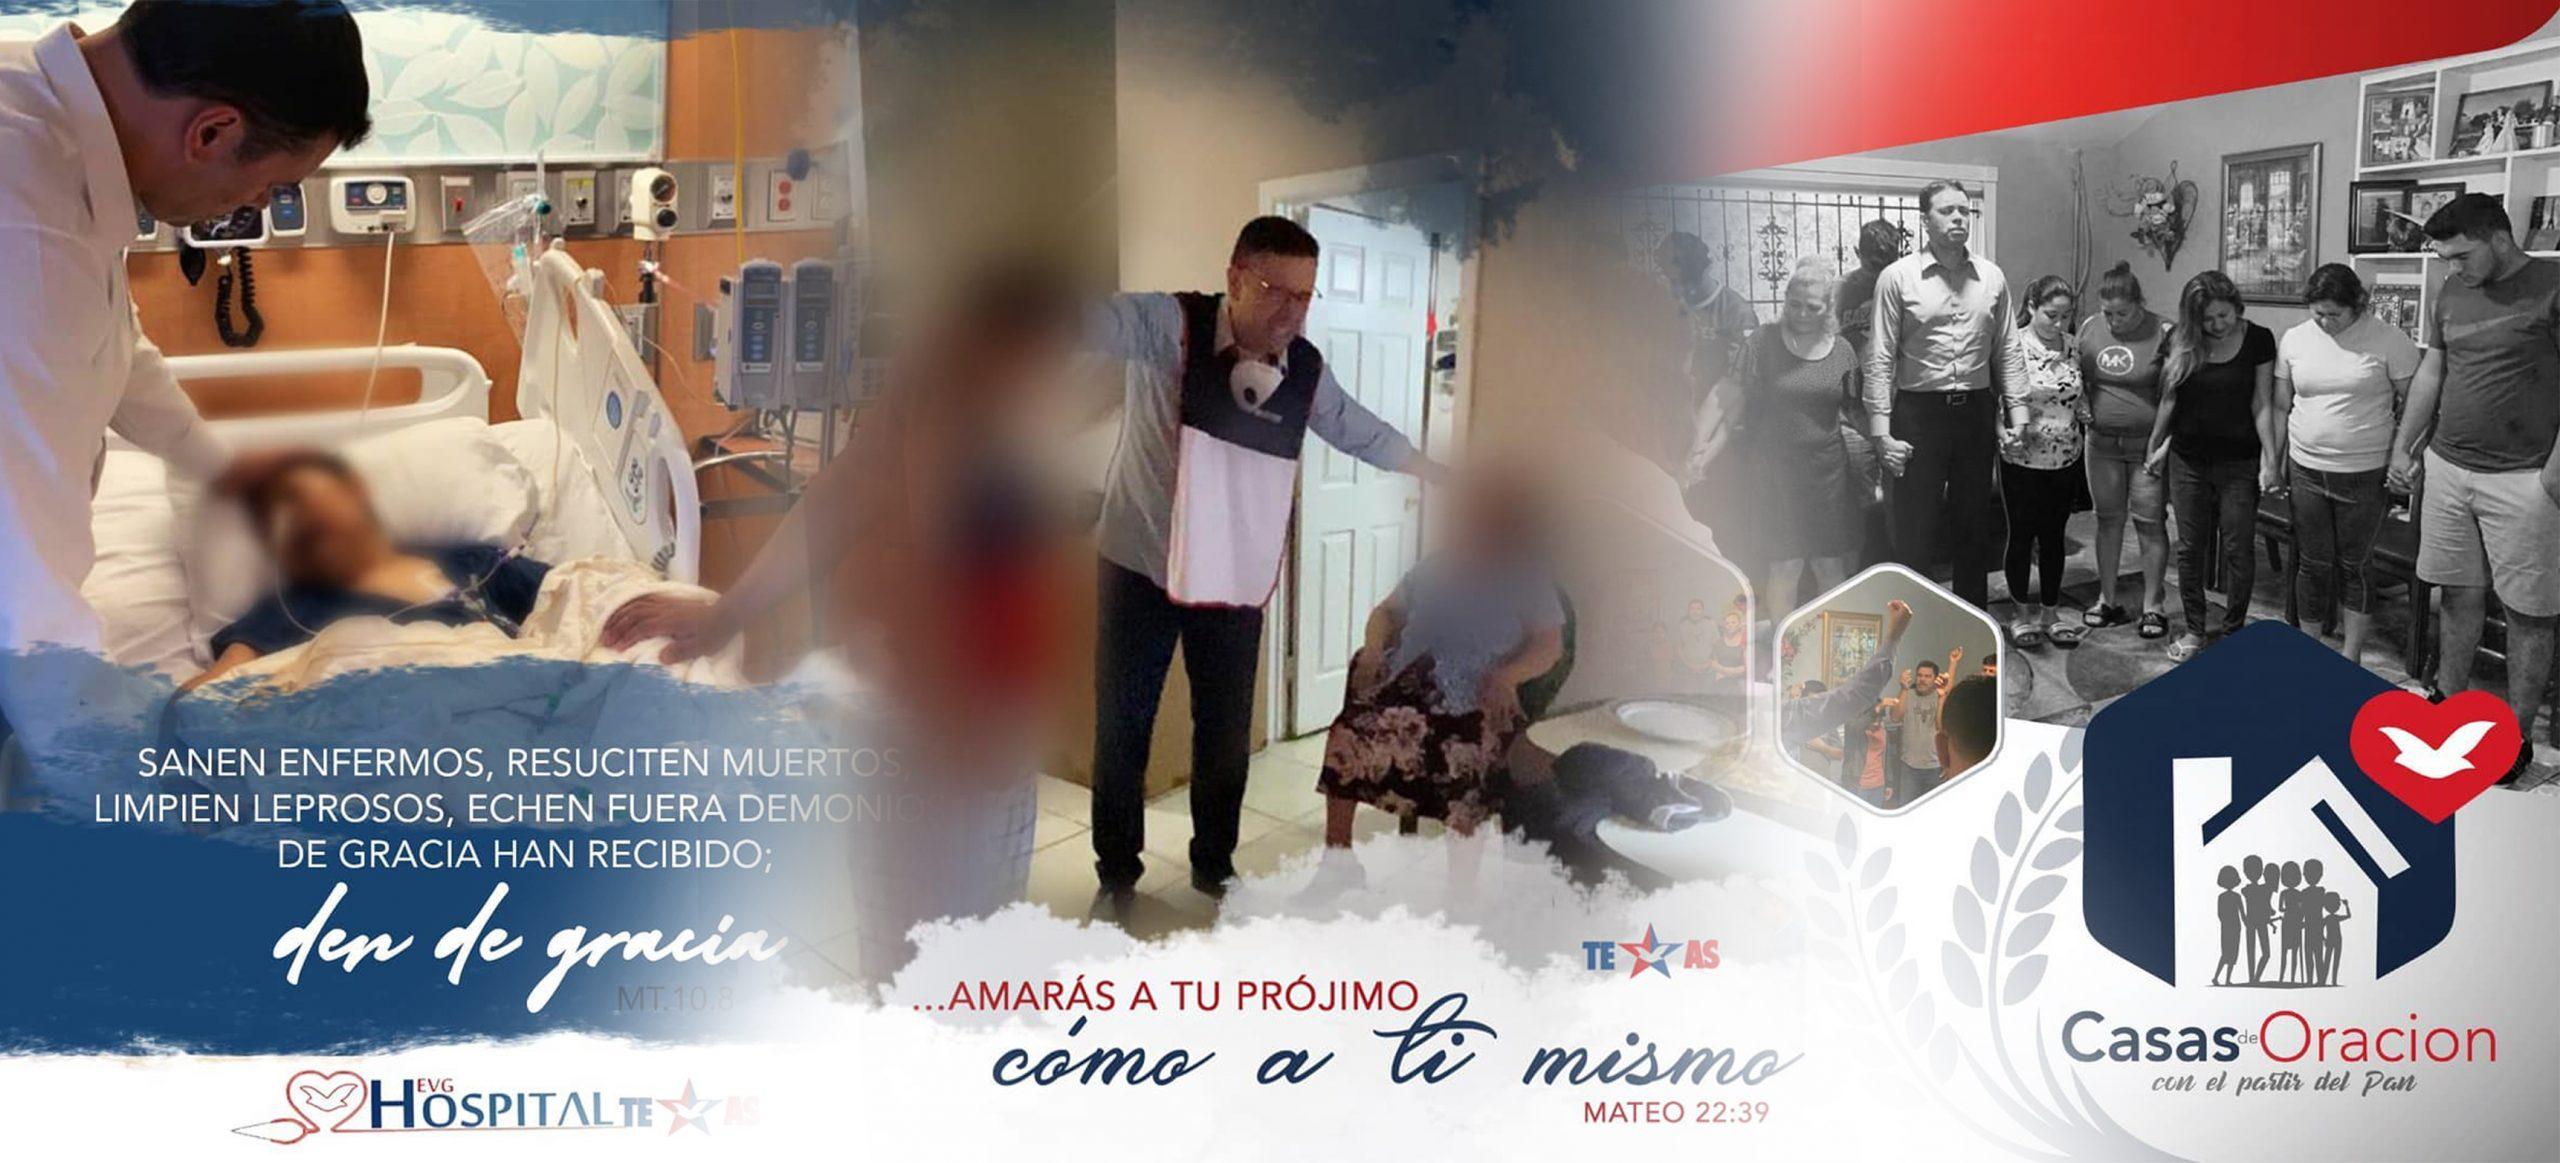 Proyecto Social (Casa de Oración; Texas)